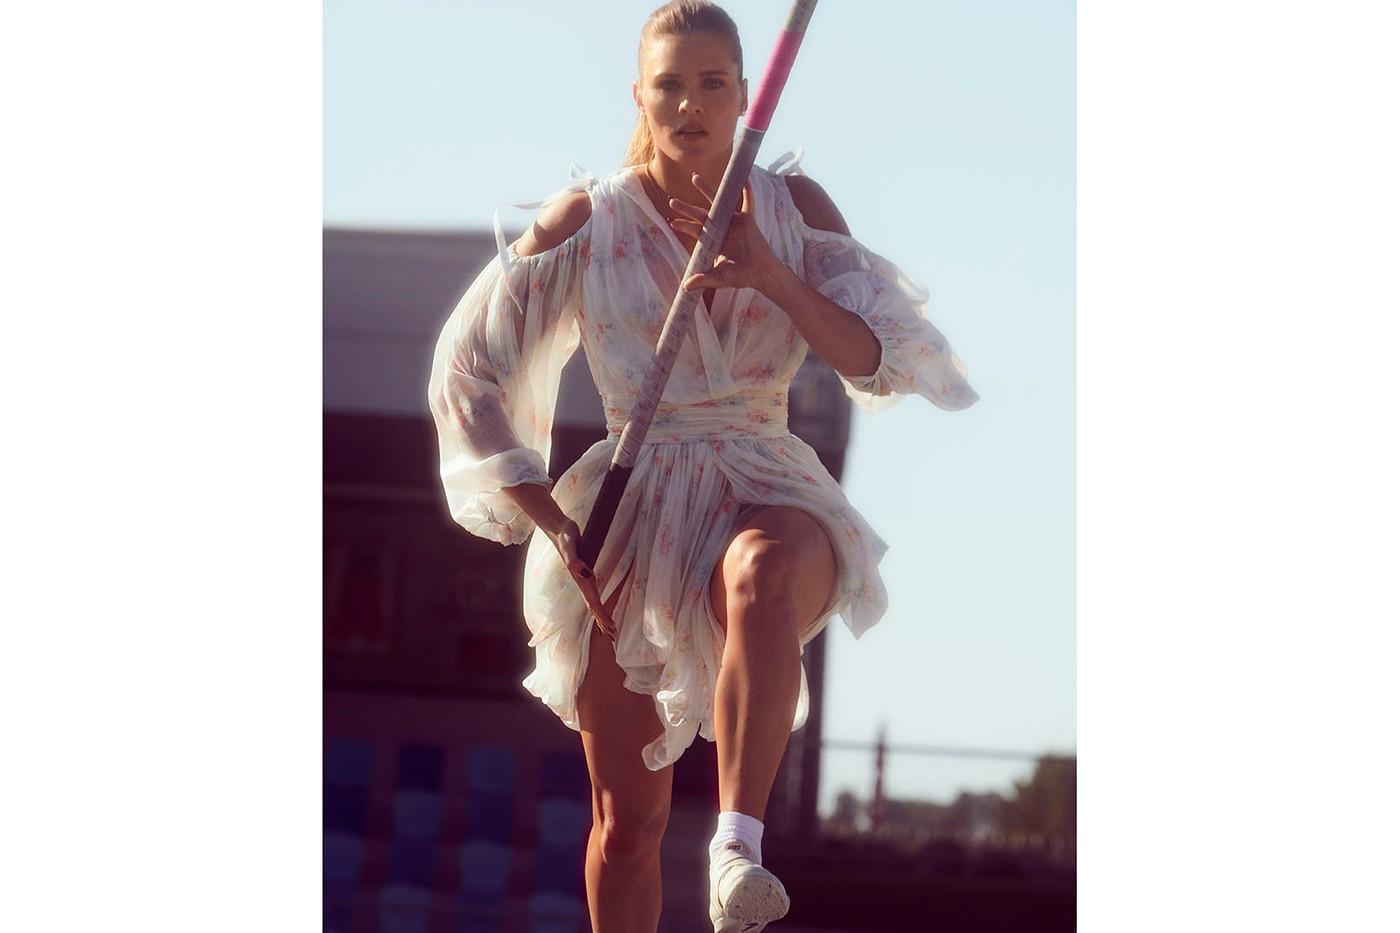 Красивые спортсменки в нижнем белье Agent Provocateur weplaytowin,девушки,мода и красота,спорт